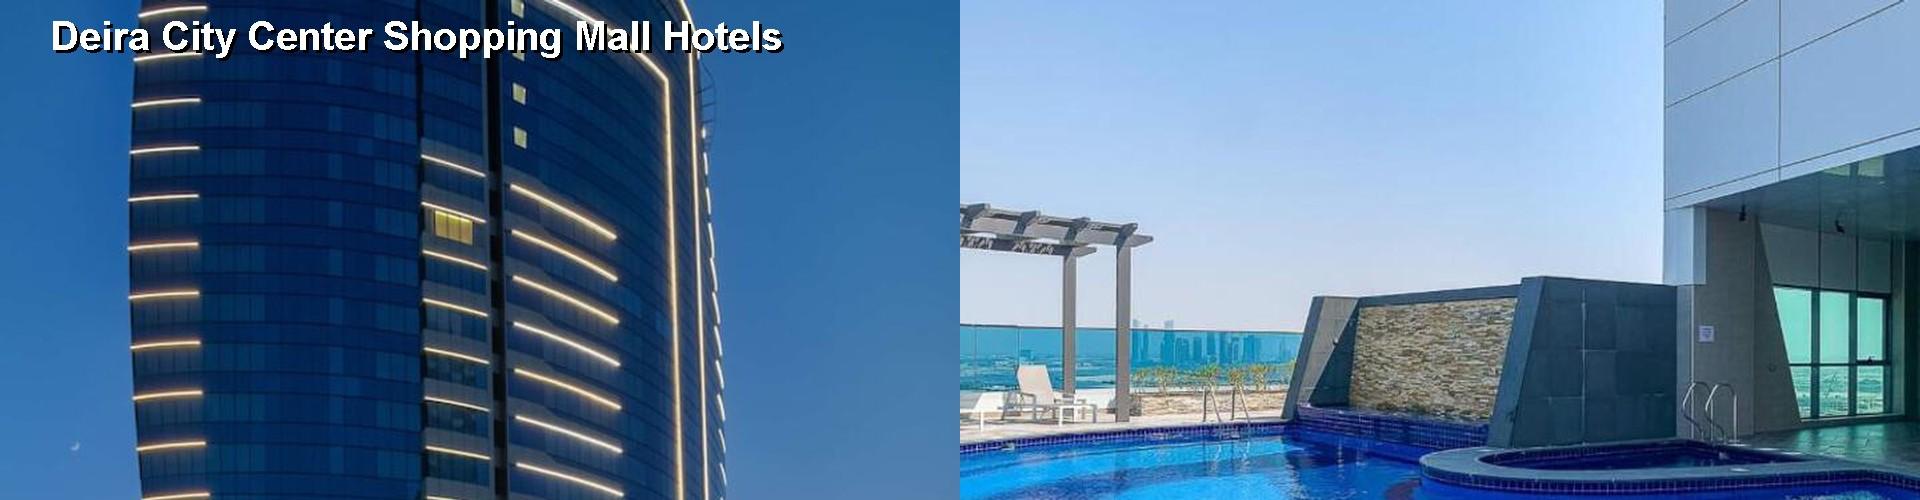 19 Top Hotels Near Deira City Center Shopping Mall